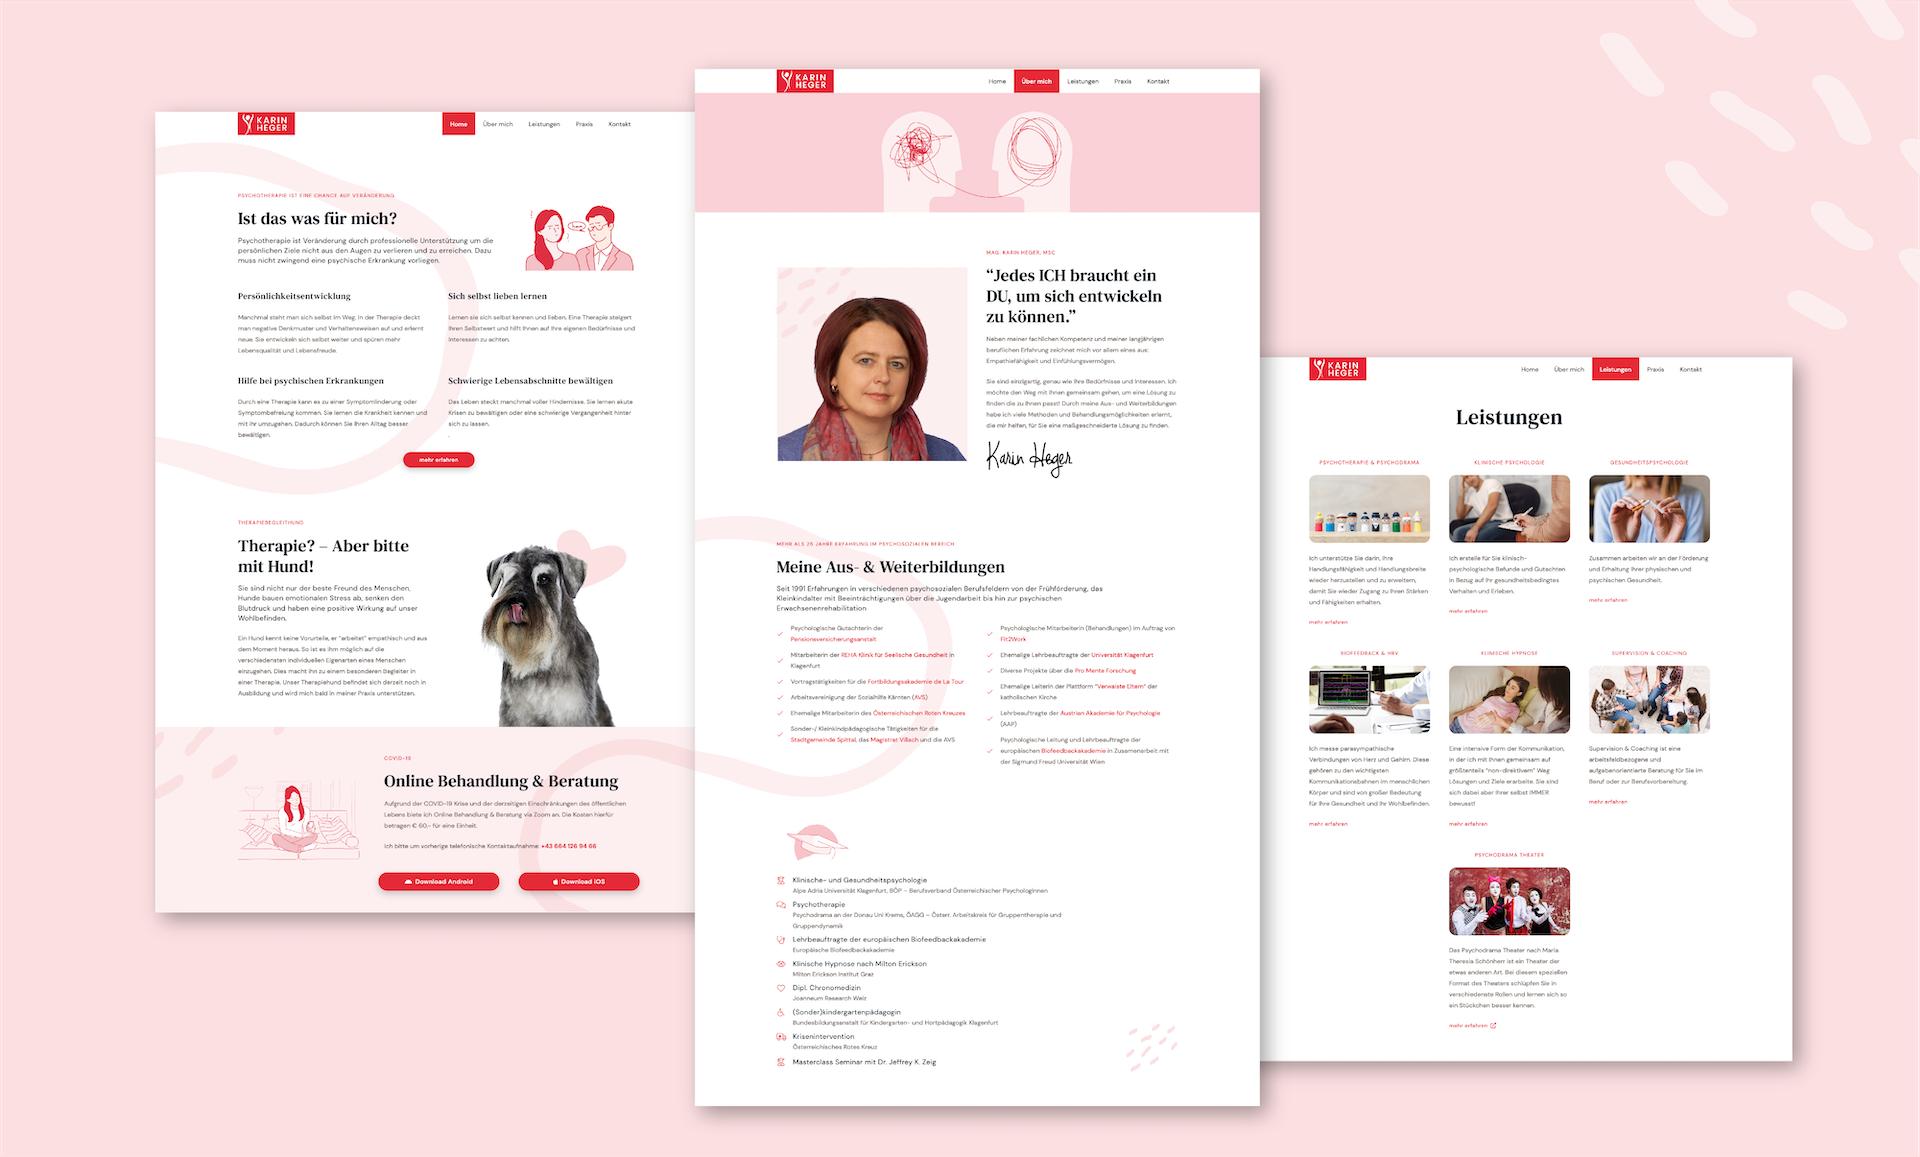 Neue Webseite für die Psychologin Mag. Karin Heger 18